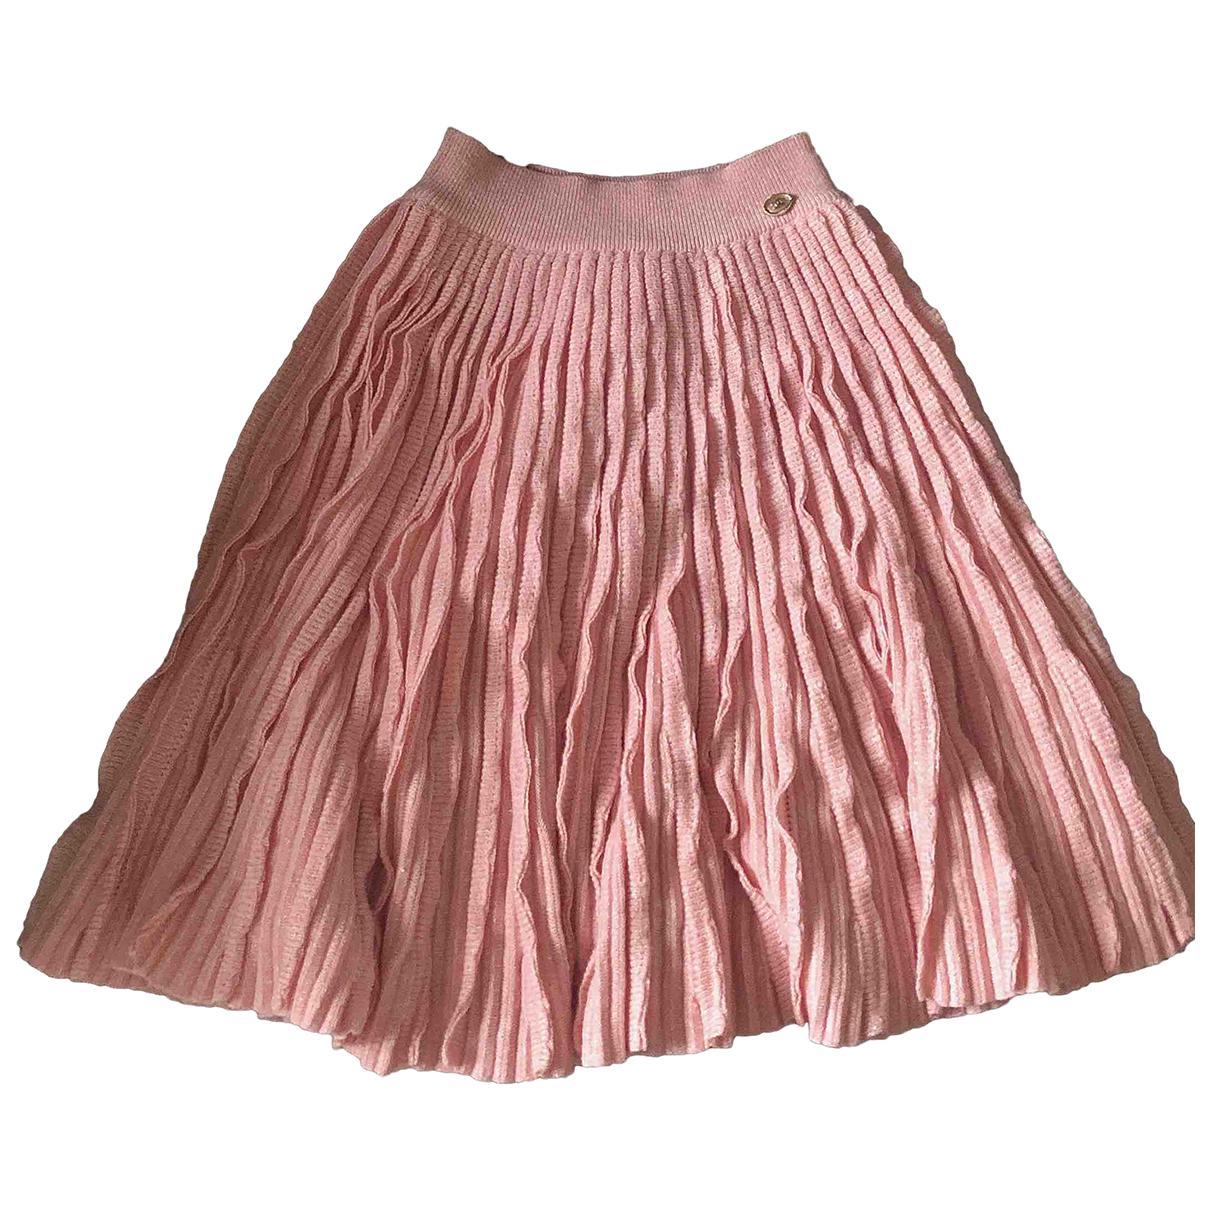 Falda midi de Cachemira Chanel